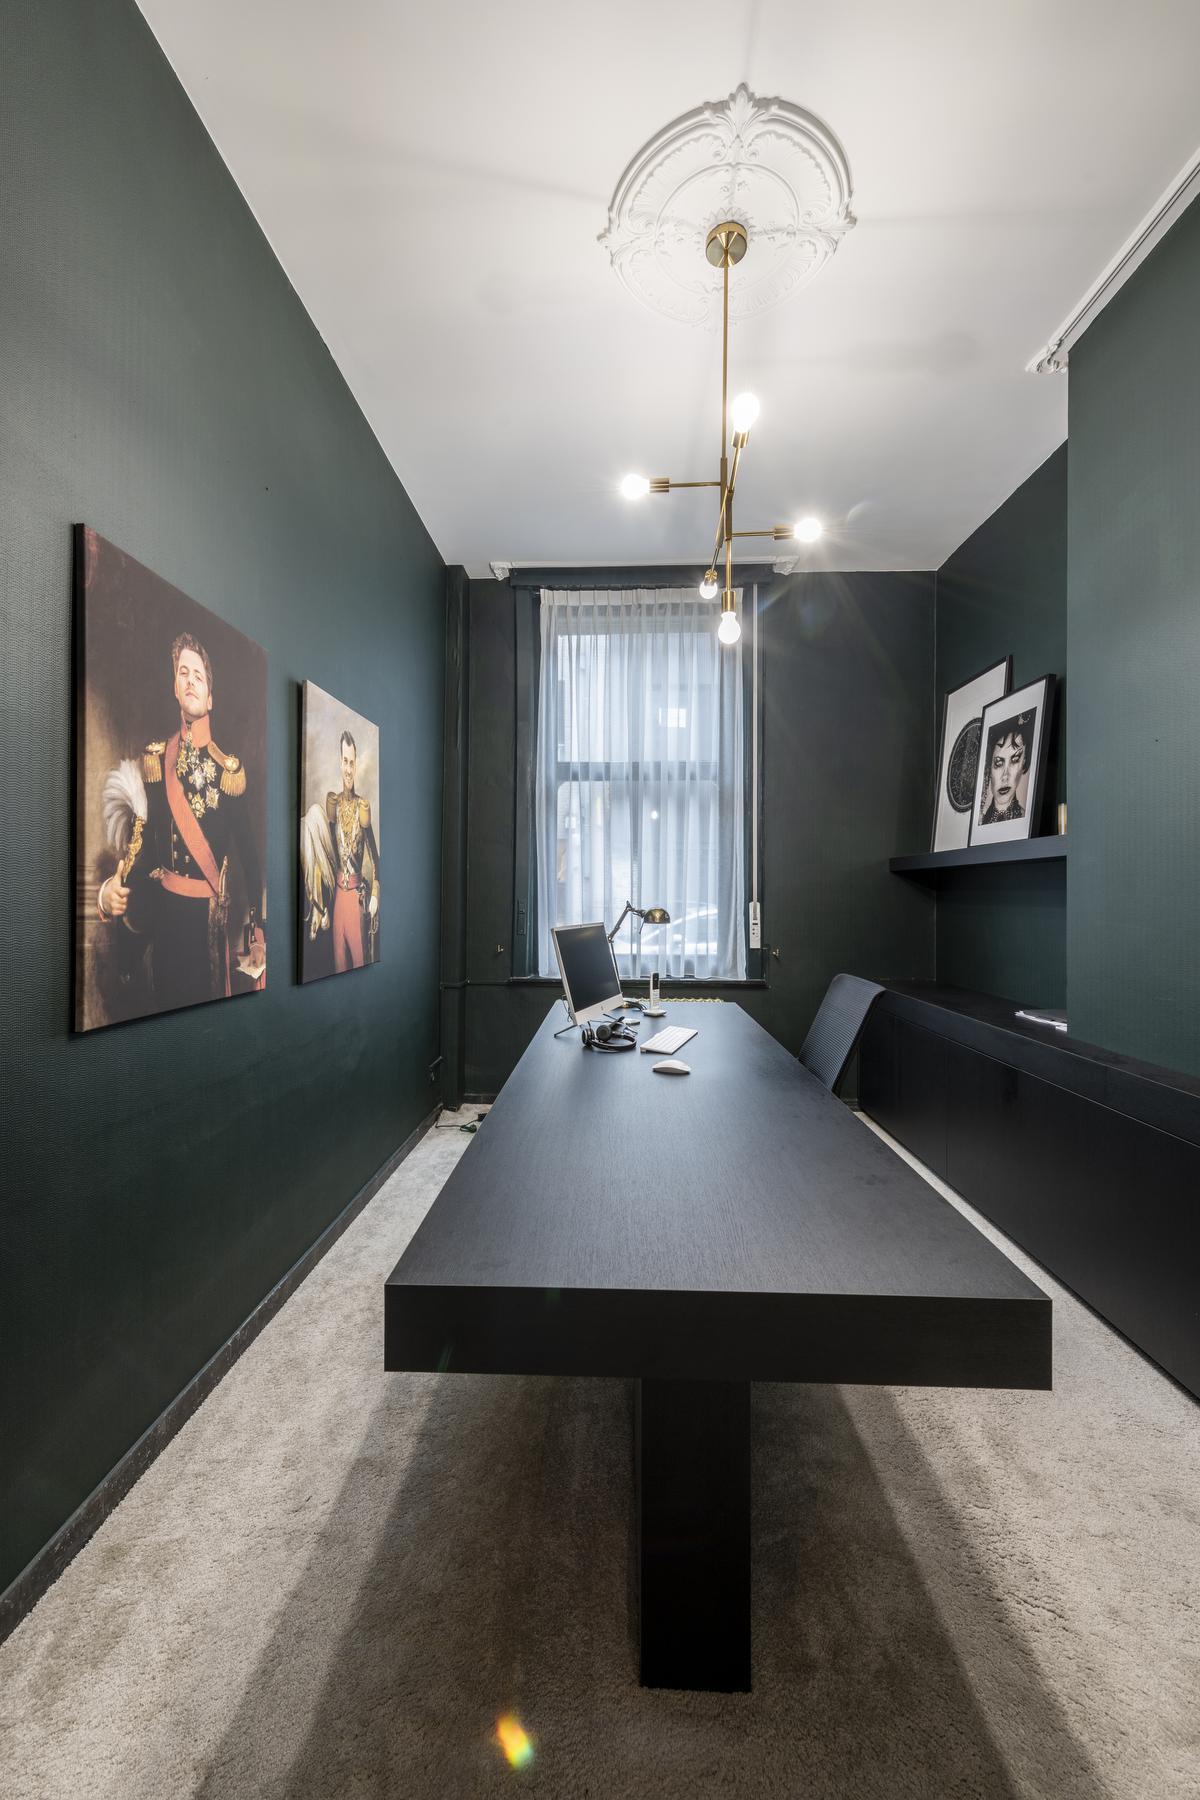 Het strakke bureau combineert mooi met de ornamenten aan het plafond, de kroonluchter en het zachte kamerbrede tapijt.© Pieter Clicteur